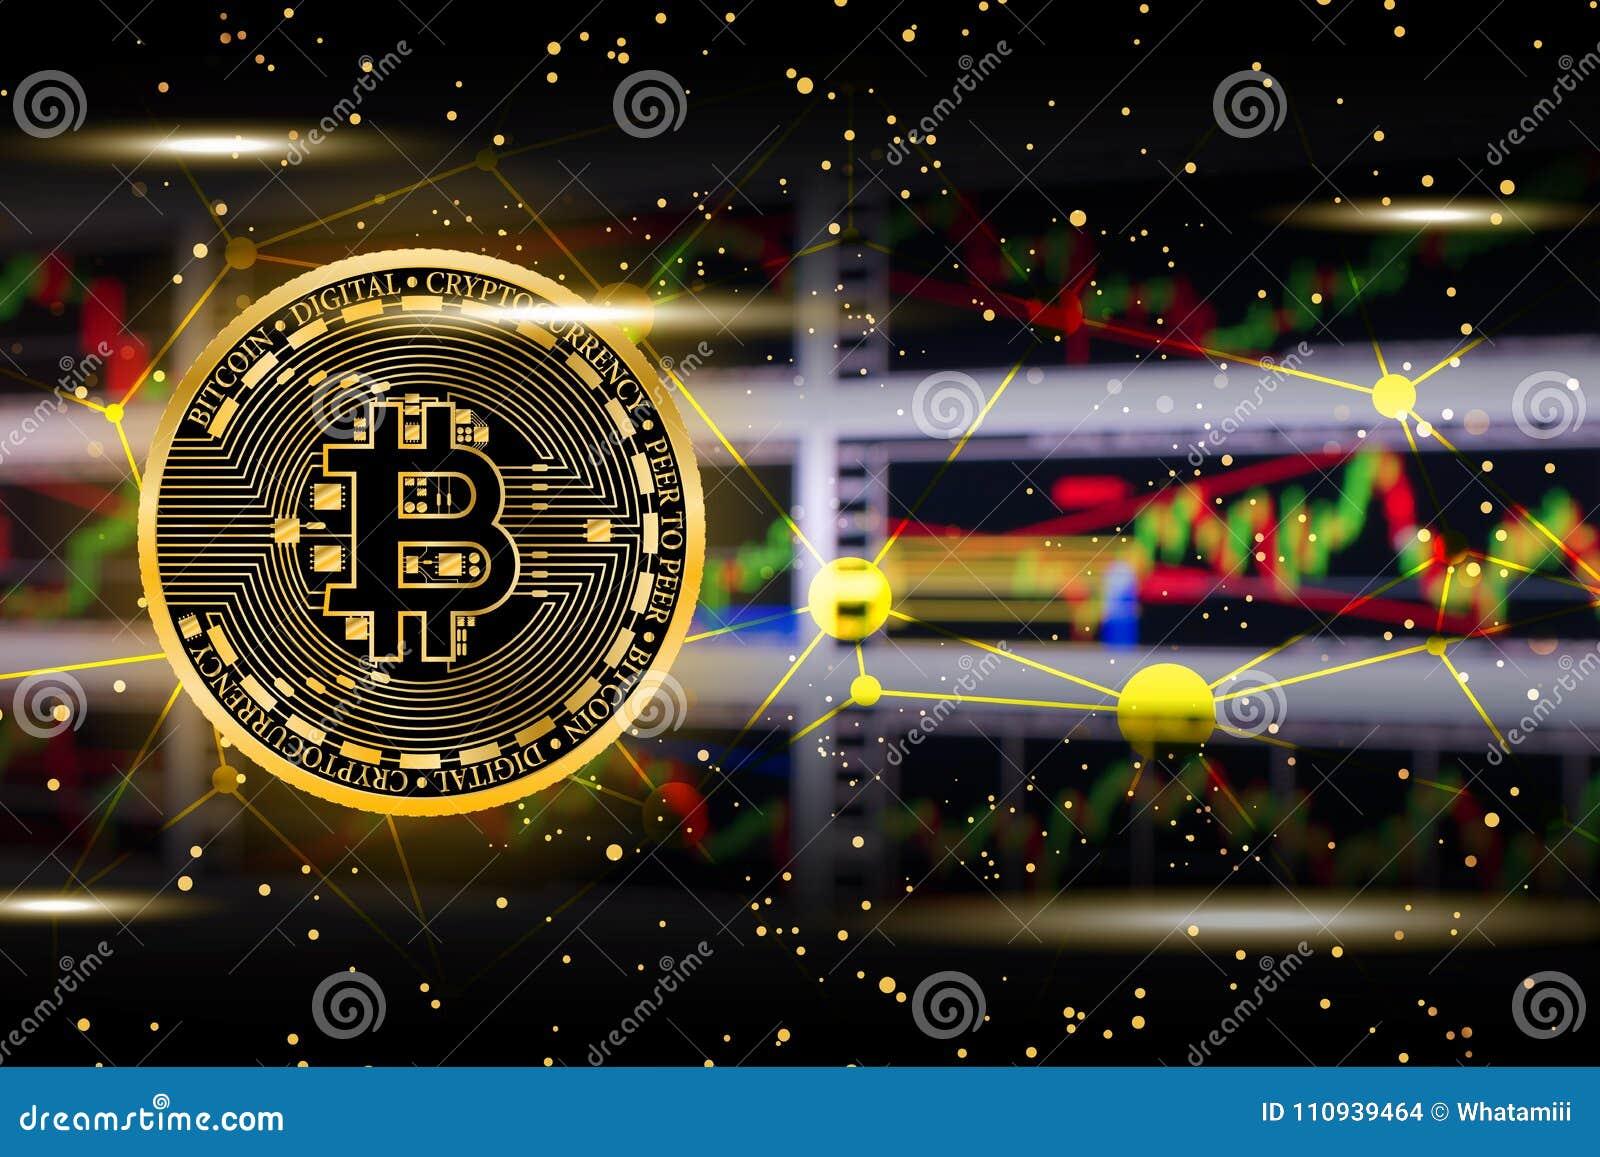 trade coin price